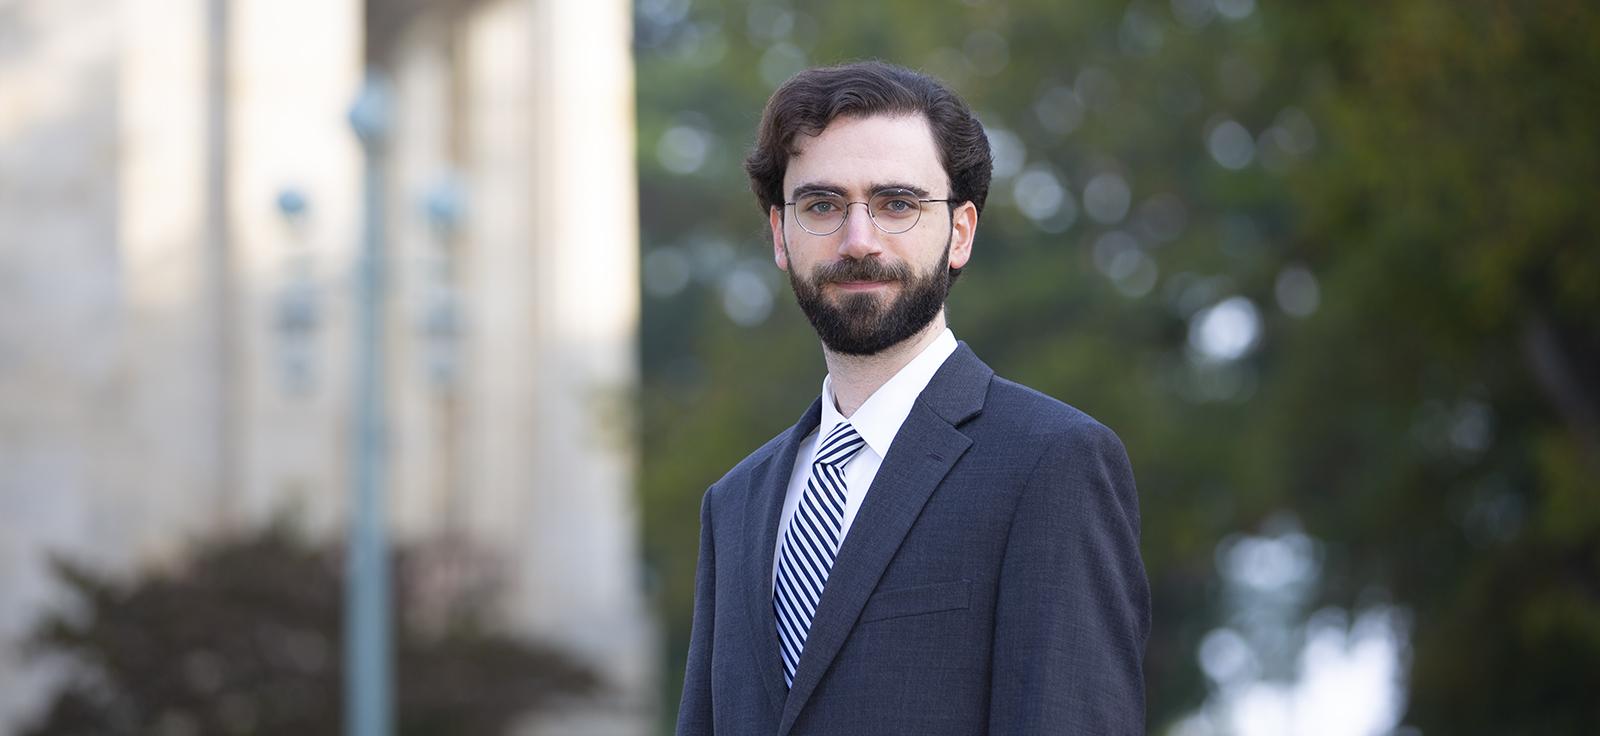 Daniel J. Root